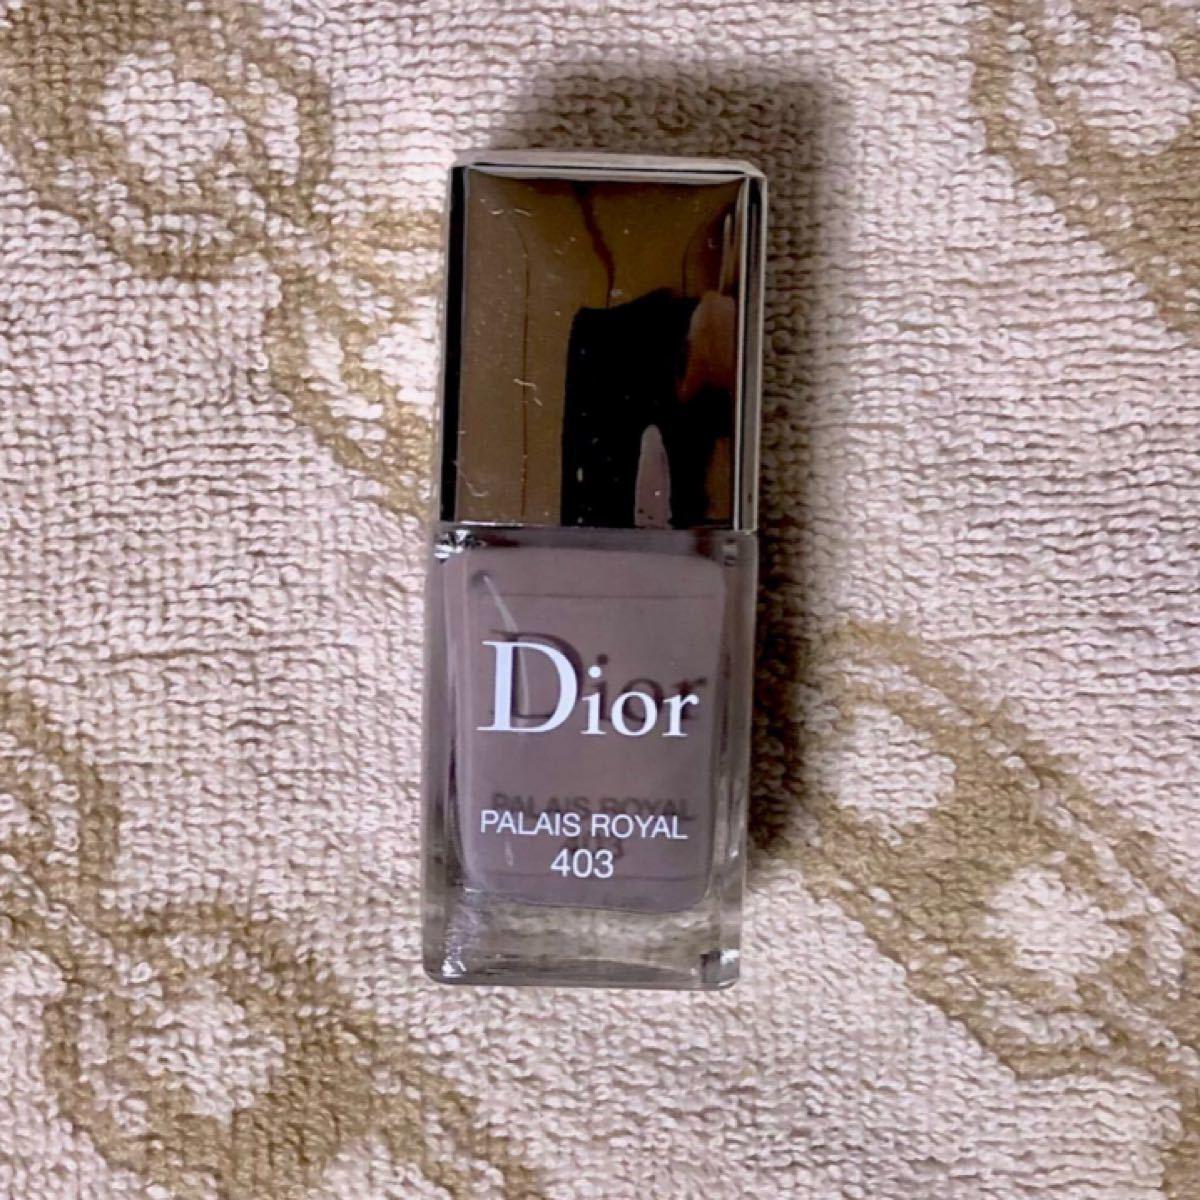 ディオール ヴェルニ Dior ディオールネイル ネイル クリスチャンディオール